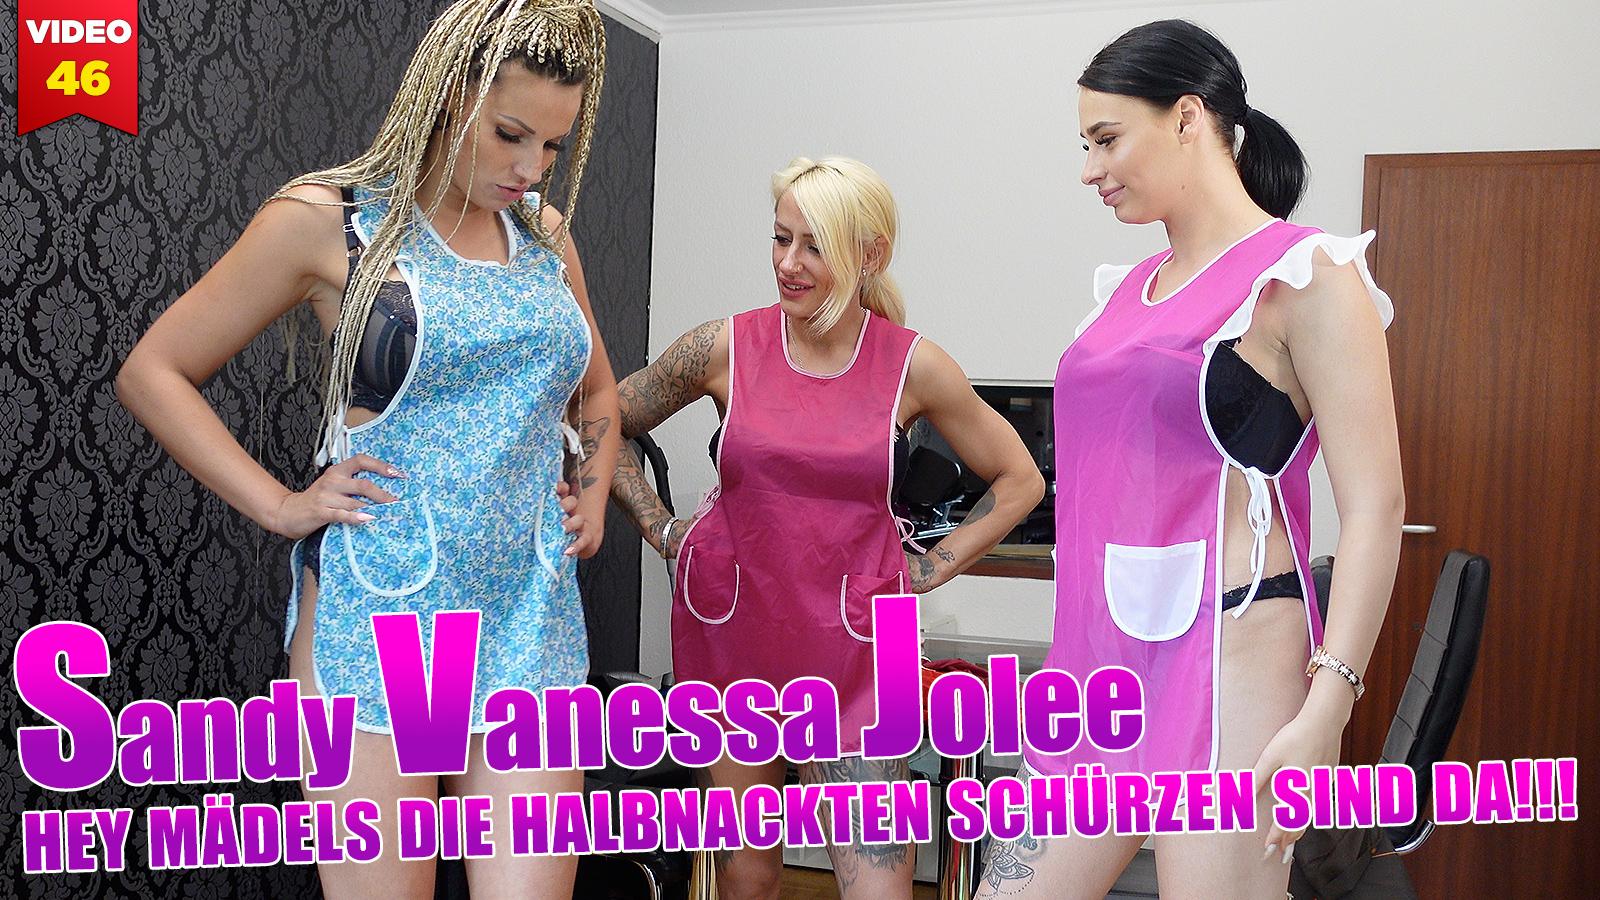 Sandy Vaness Jolee 046: Hey Mädels, die halbnackten Schürzen aus Dederon sind da!